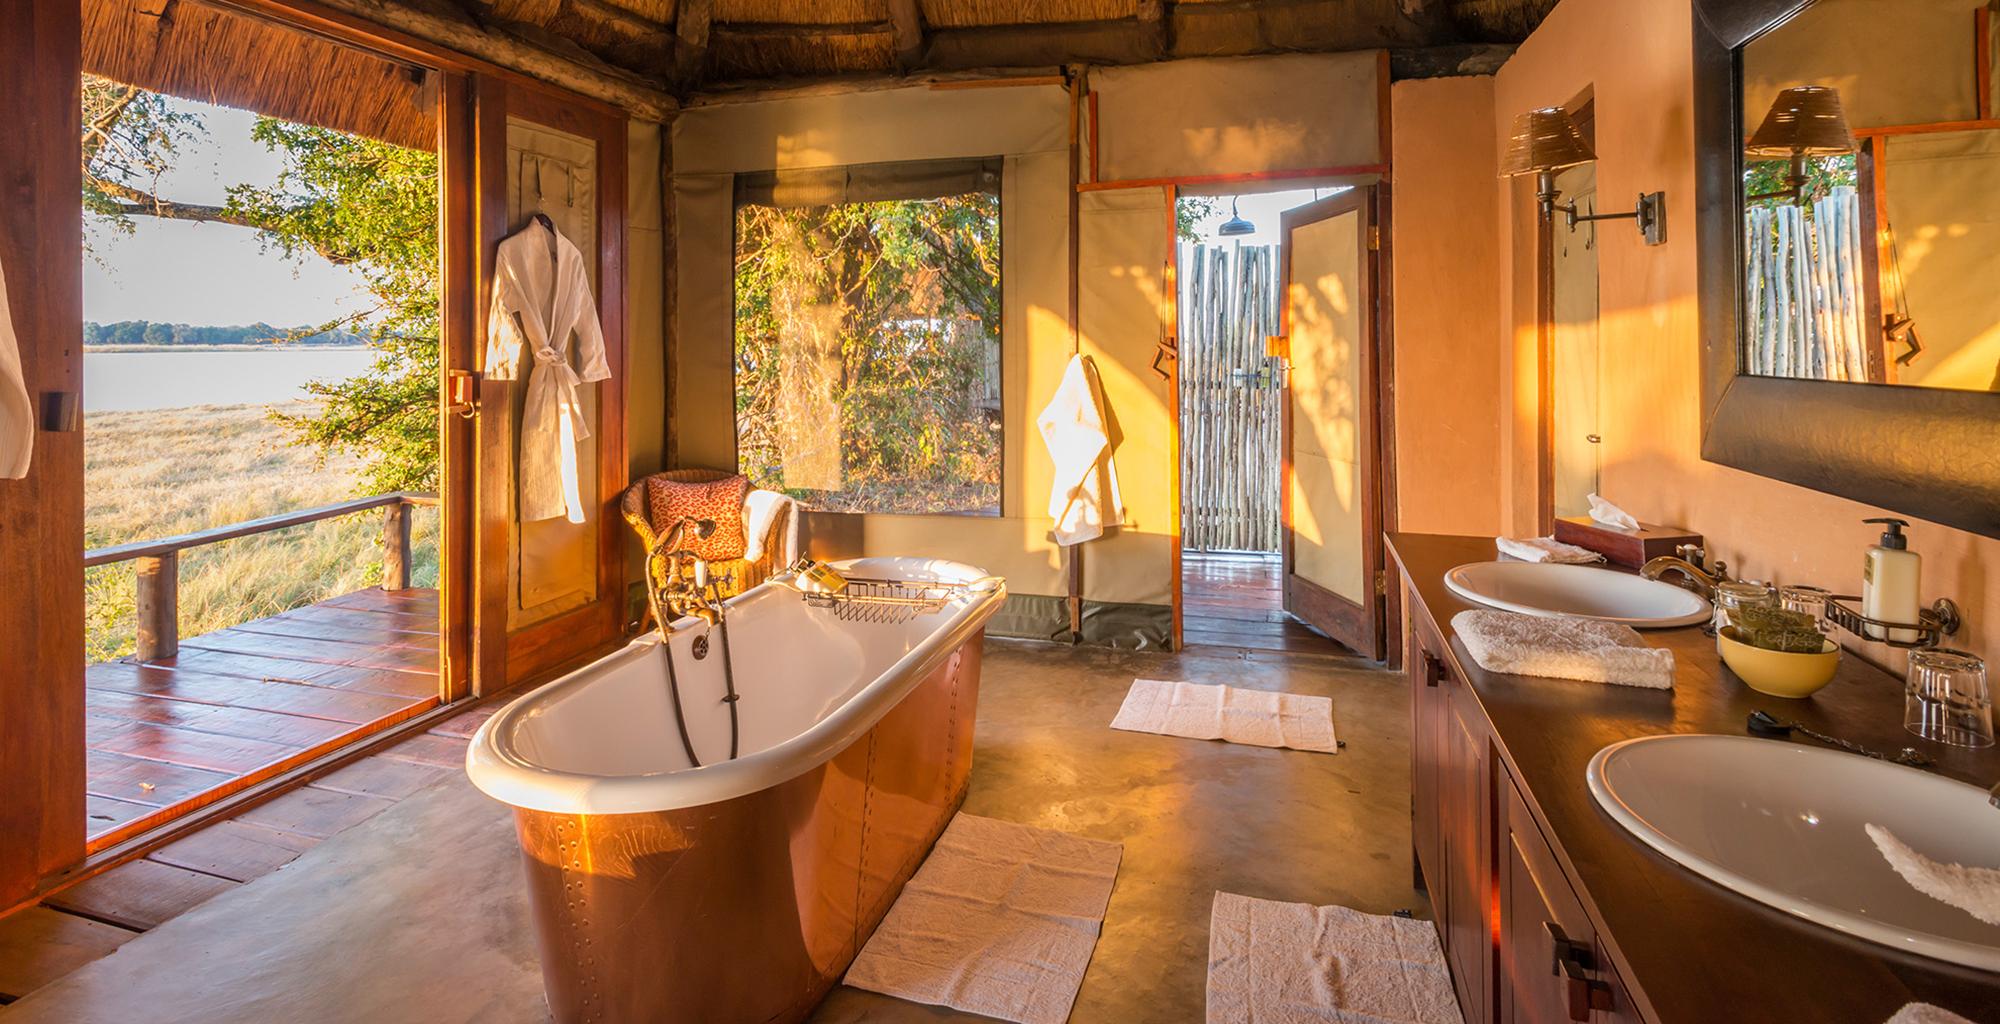 Zambia-Royal-Zambezi-Bathroom